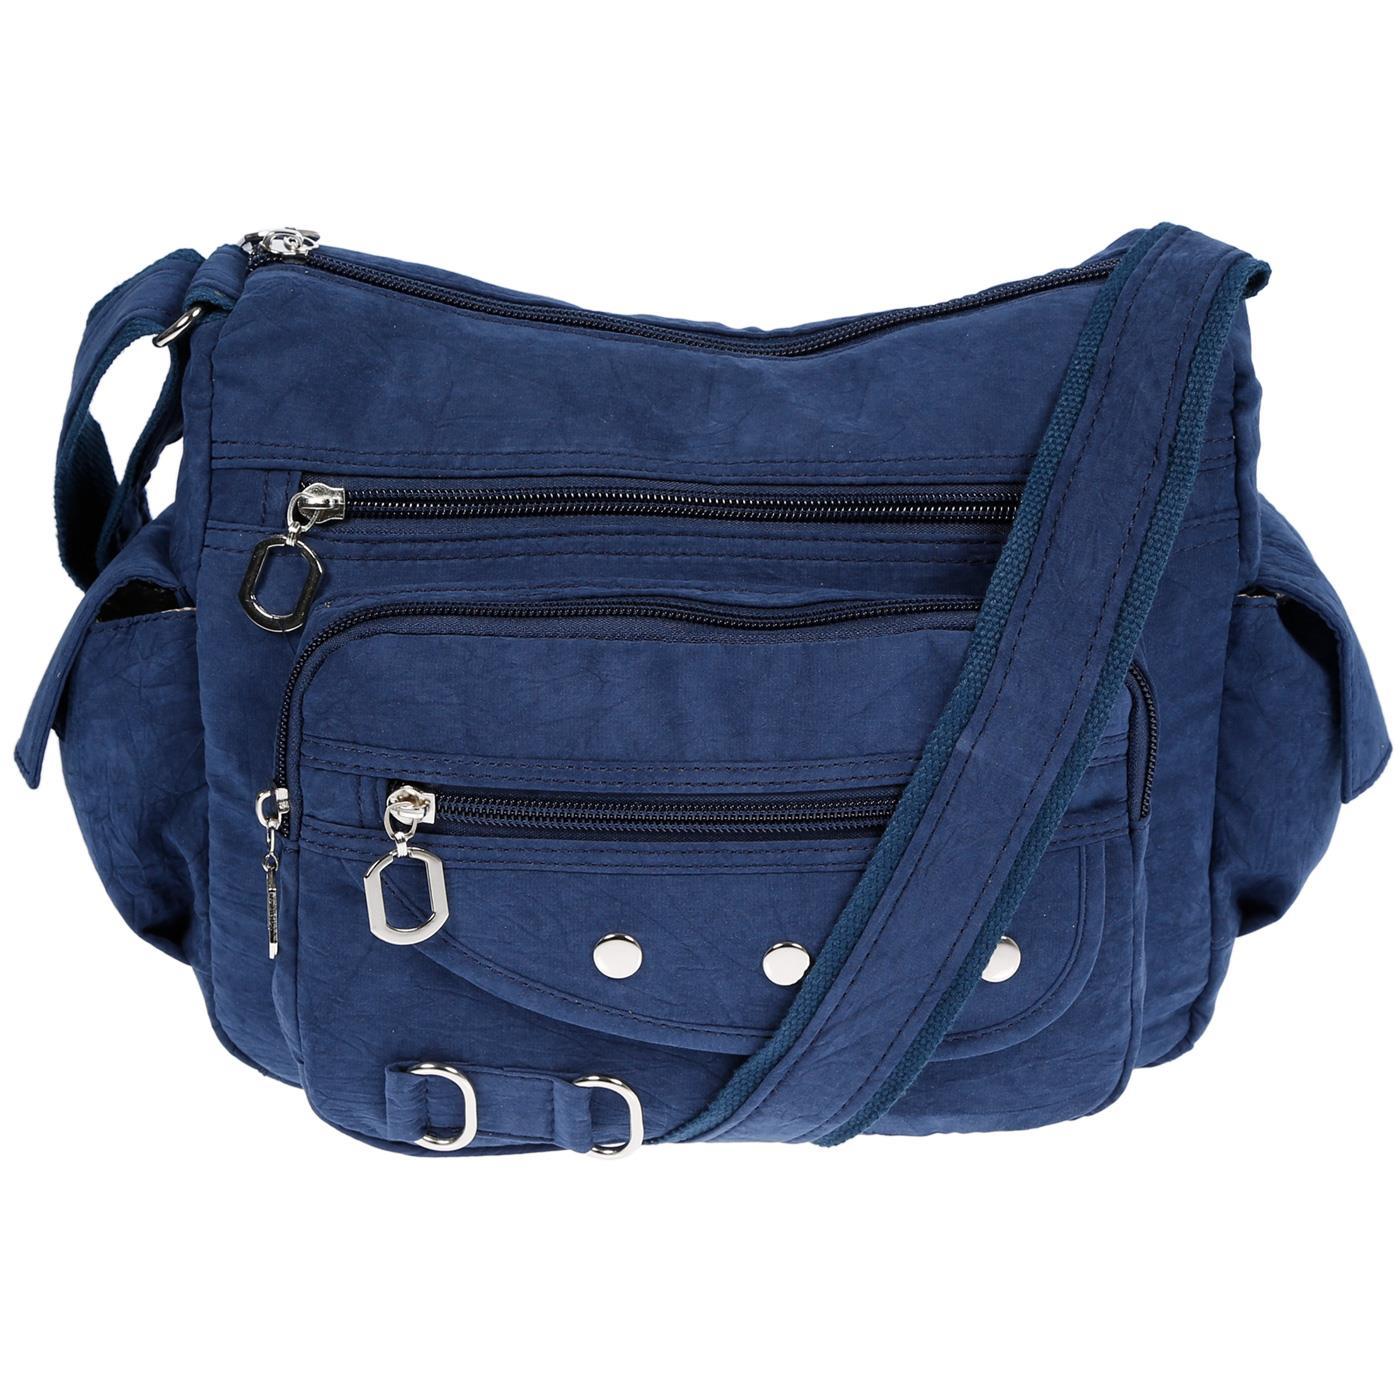 Damenhandtasche-Schultertasche-Tasche-Umhaengetasche-Canvas-Shopper-Crossover-Bag Indexbild 10